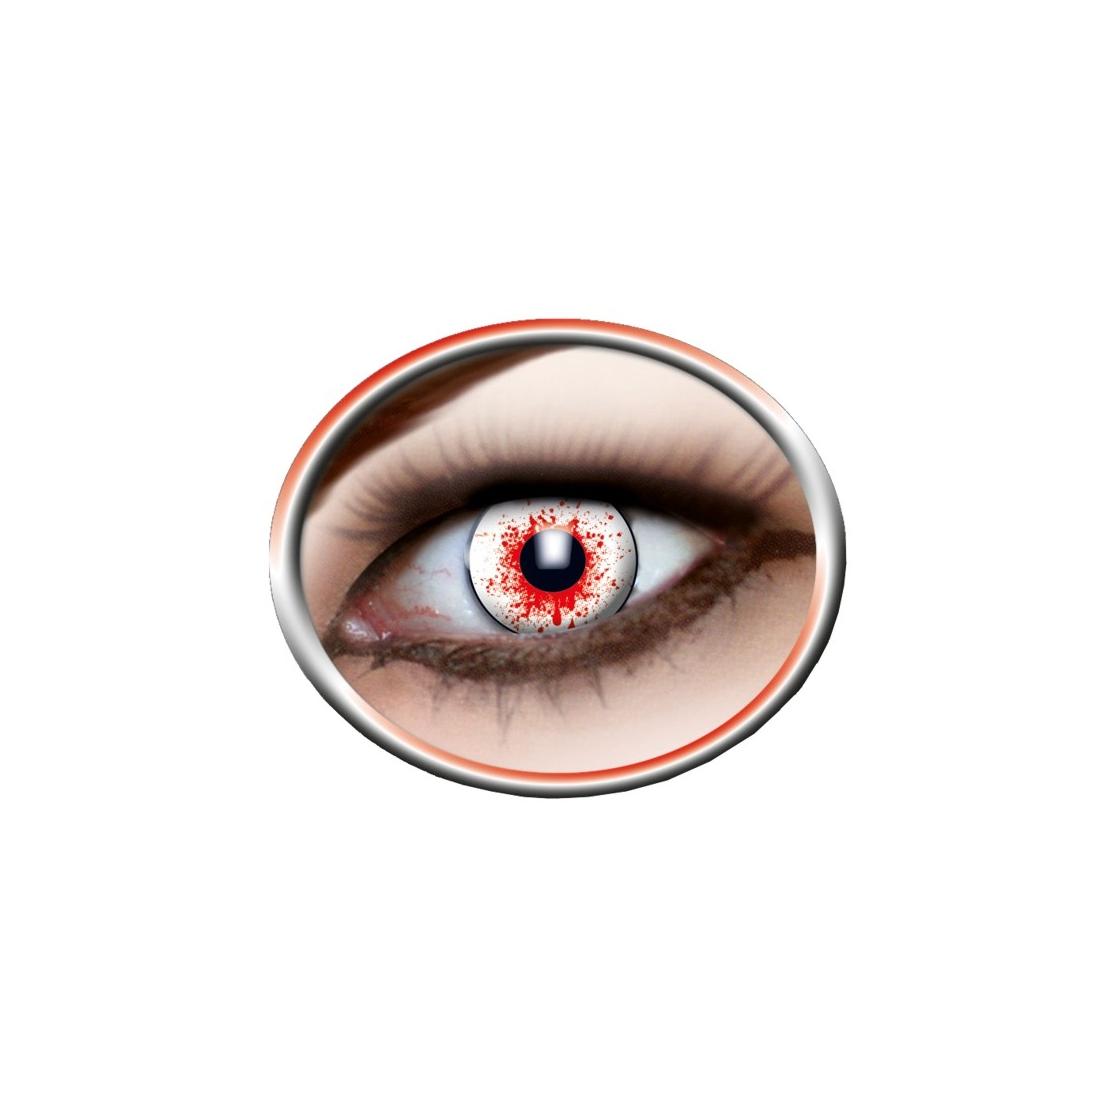 farbige linsen kontaktlinsen blutig 3. Black Bedroom Furniture Sets. Home Design Ideas